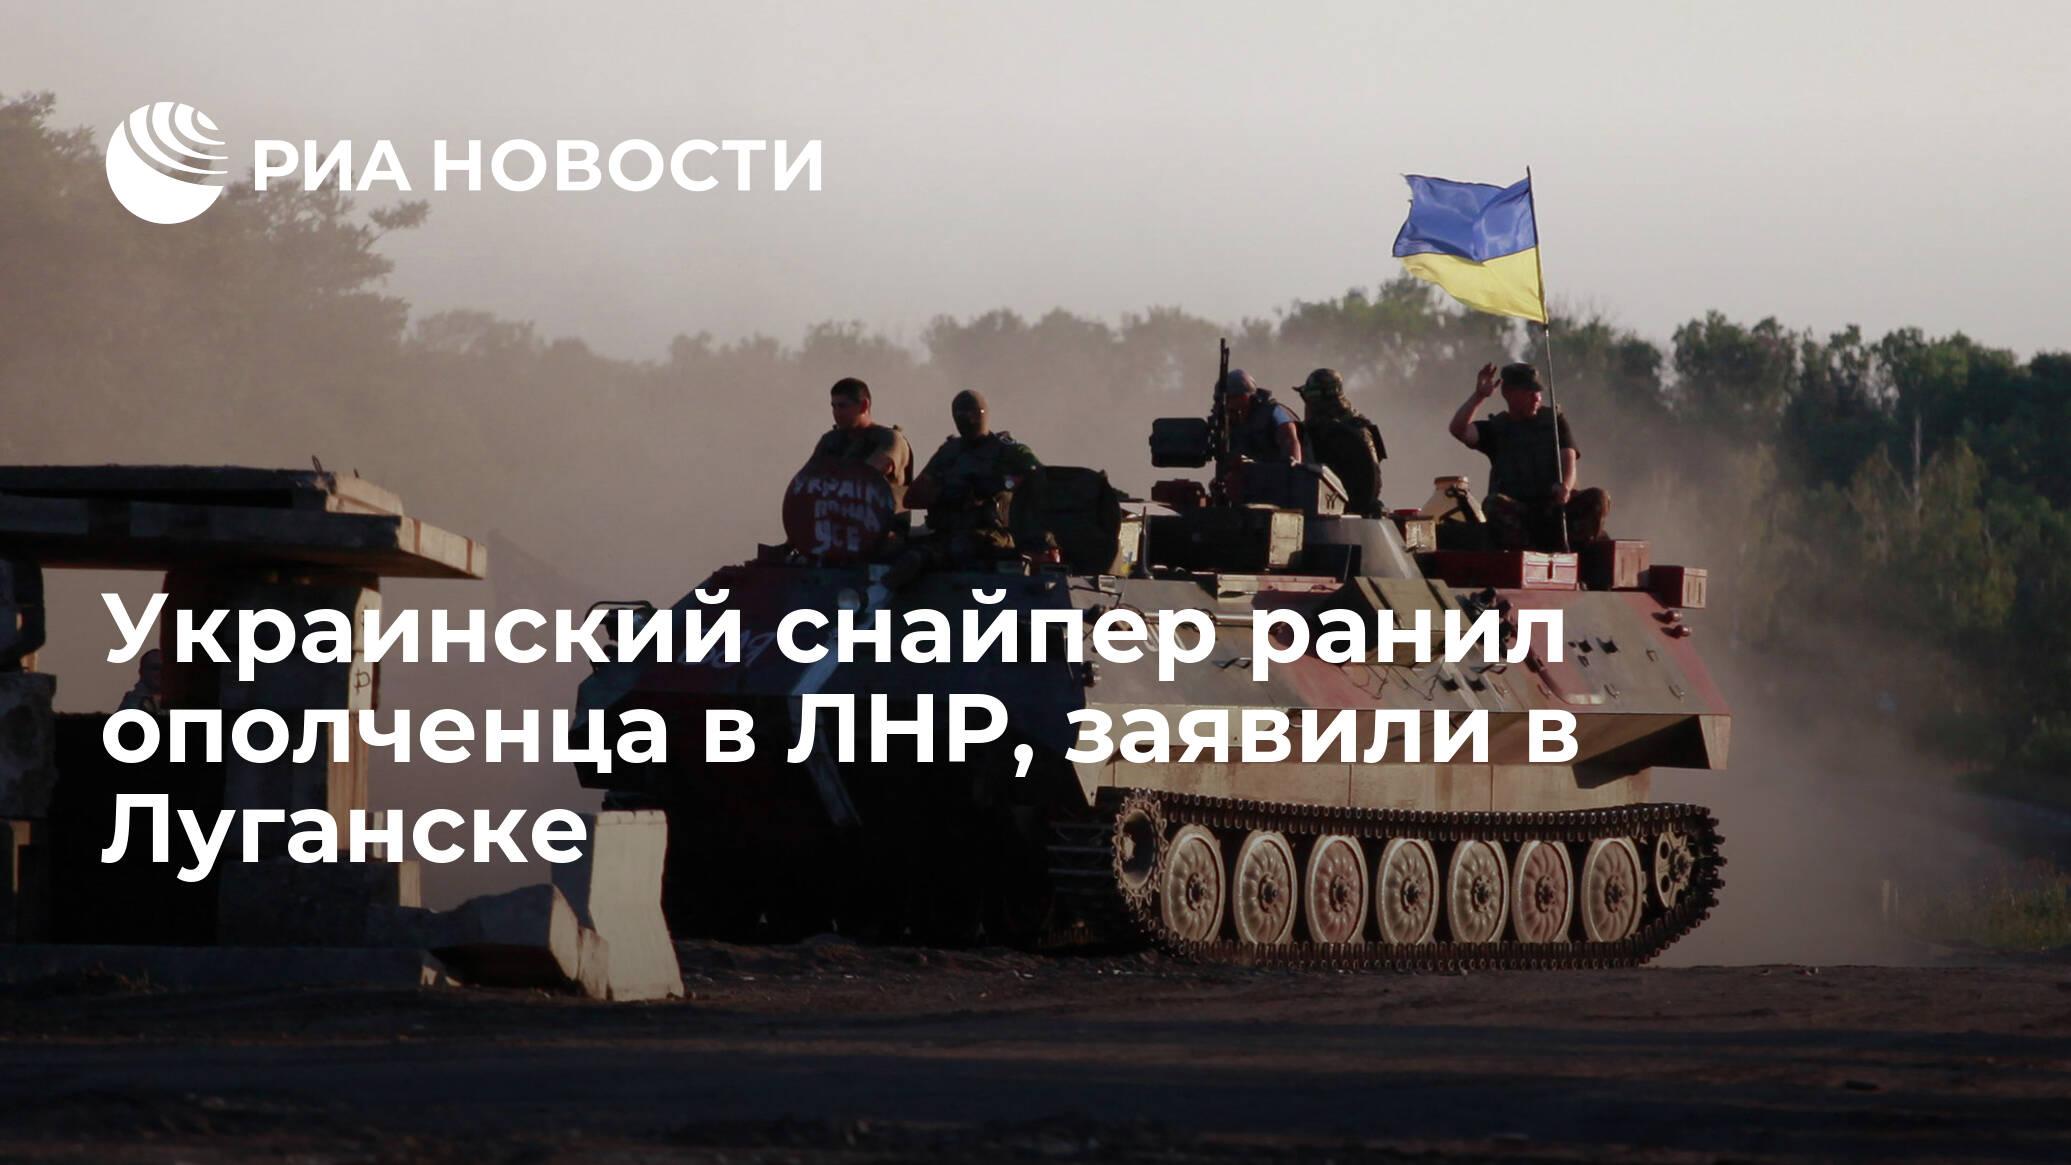 Украинский снайпер ранил ополченца в ЛНР, заявили в Луганске